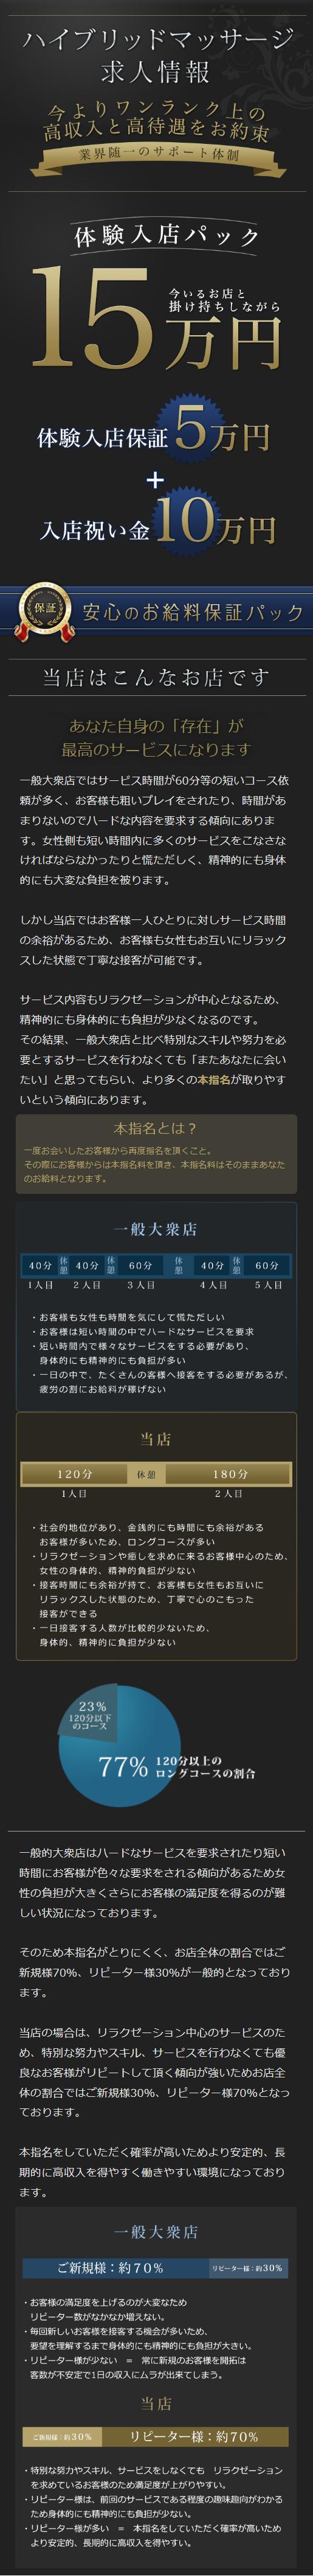 新宿_ハイブリッド